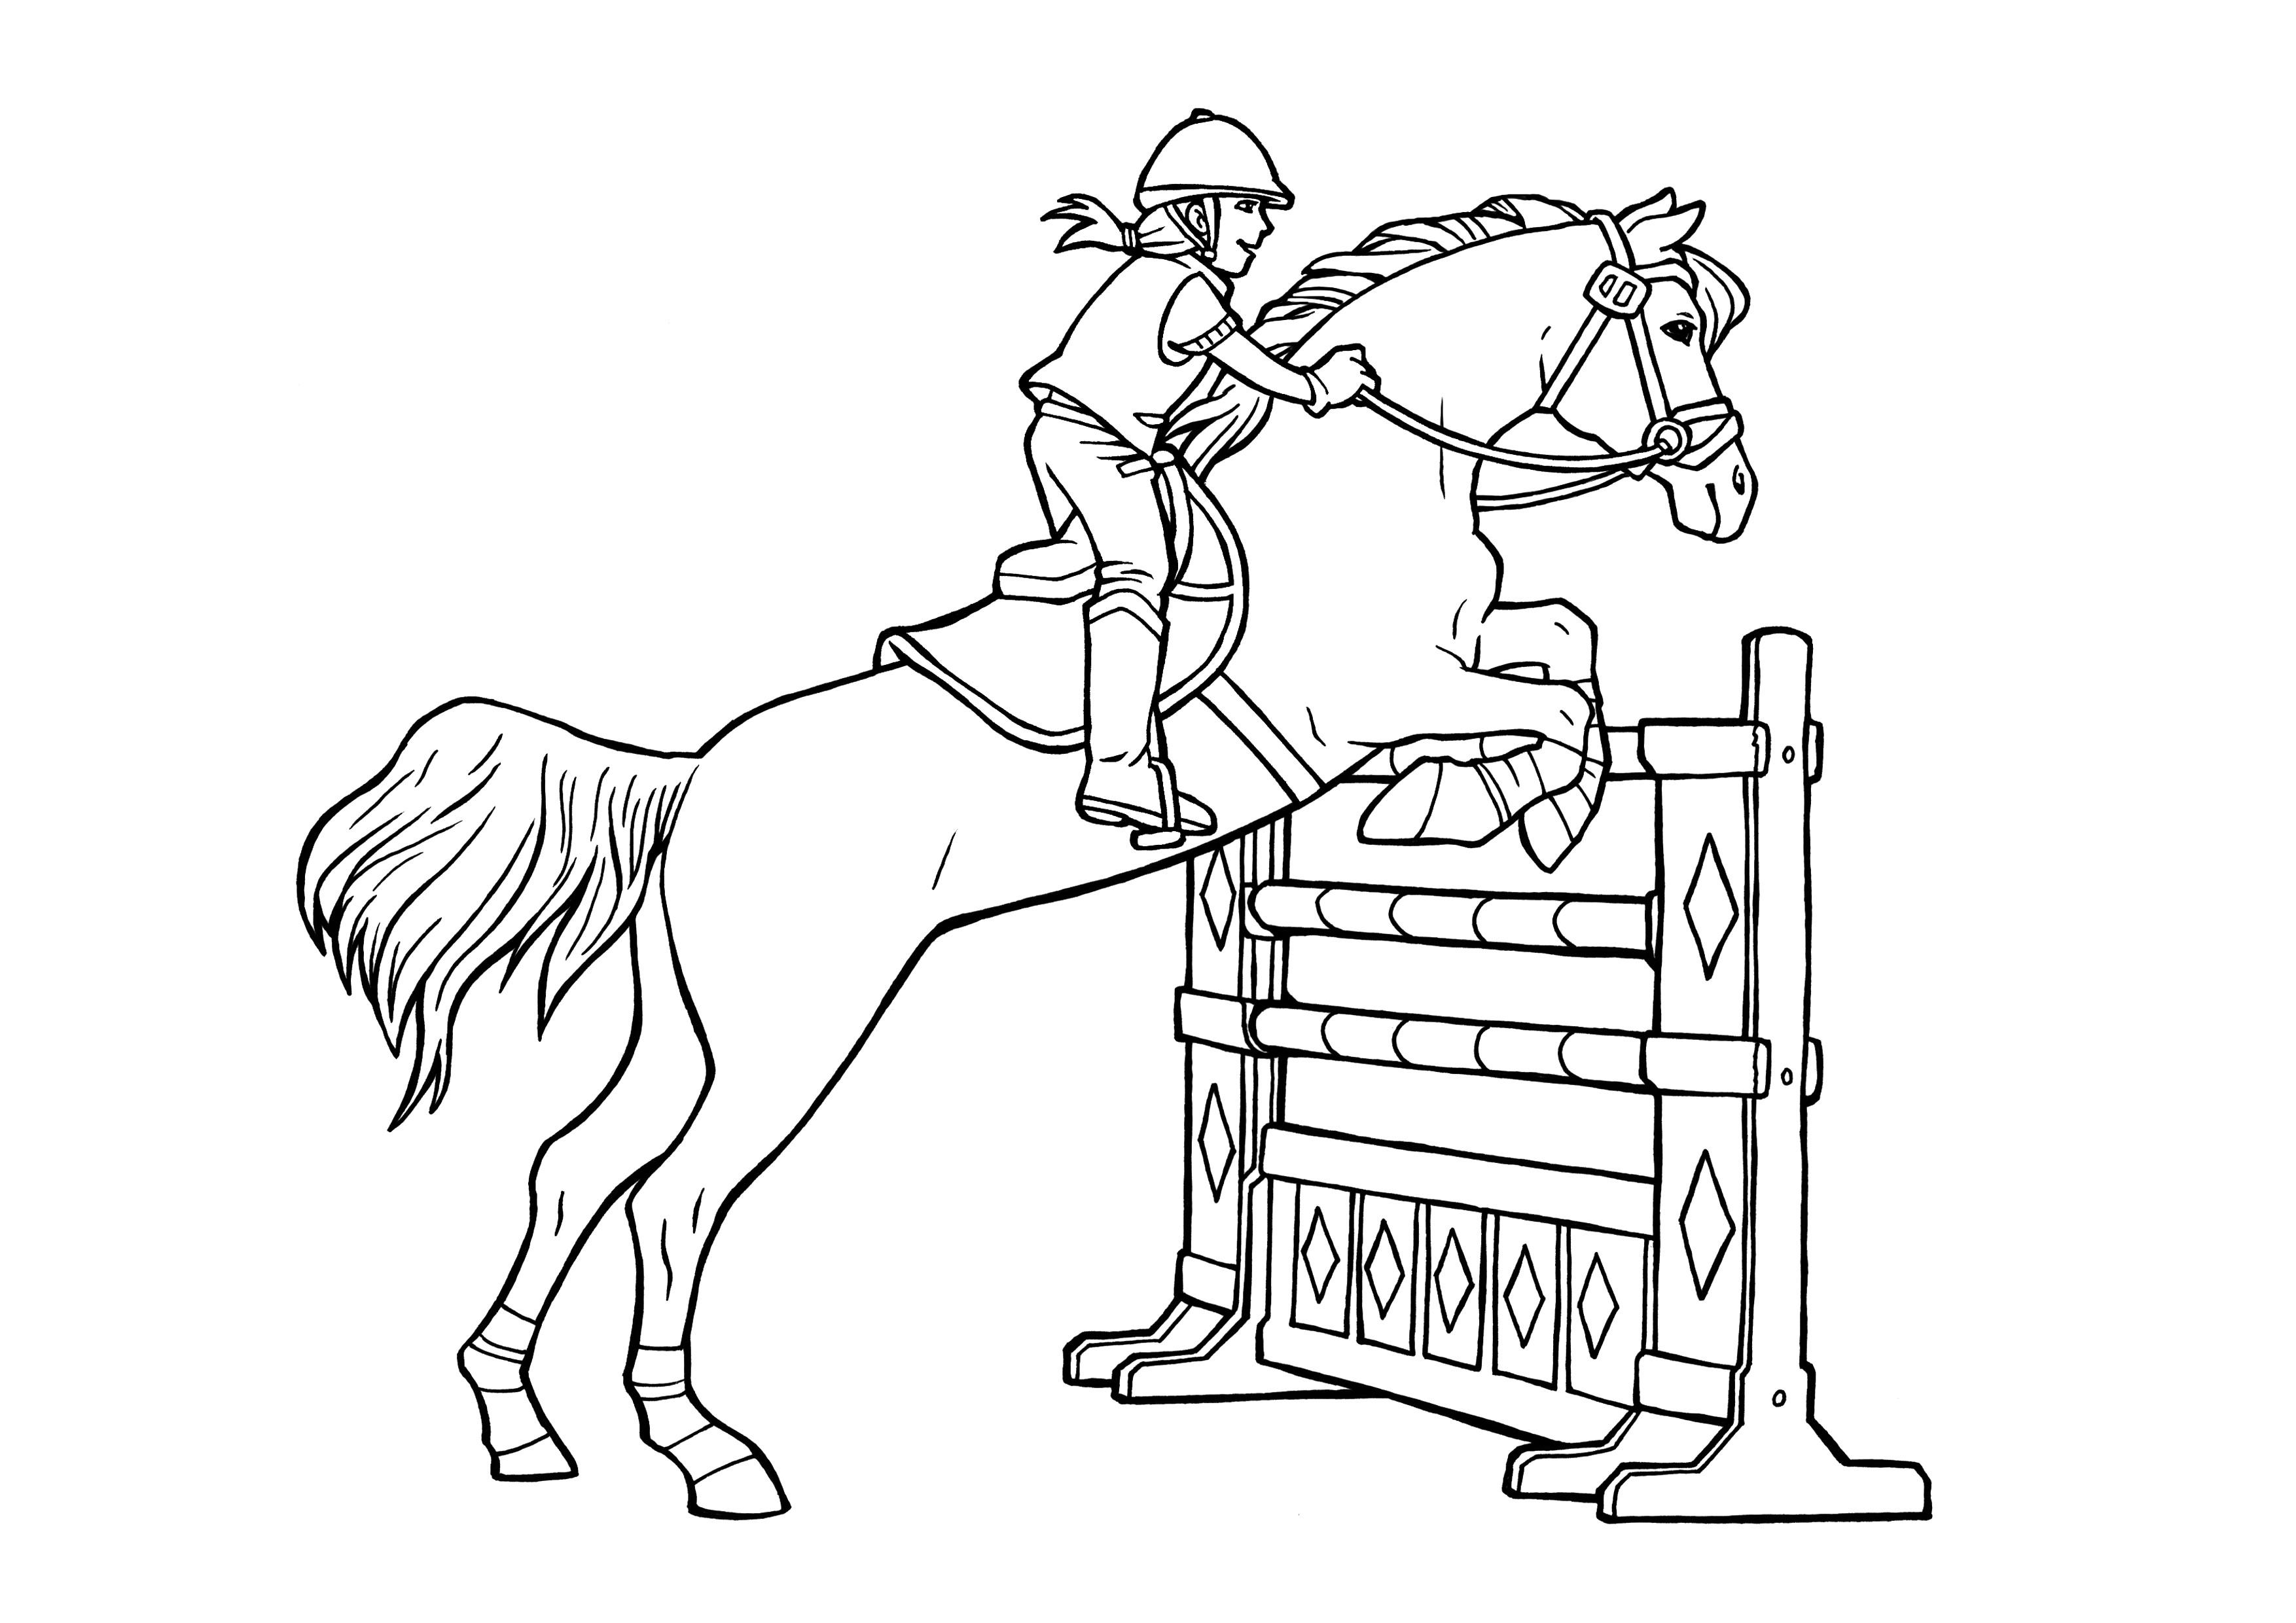 Pferde Ausmalbilder  Ausmalbilder Pferde Turnier Ausmalbilder Pferde